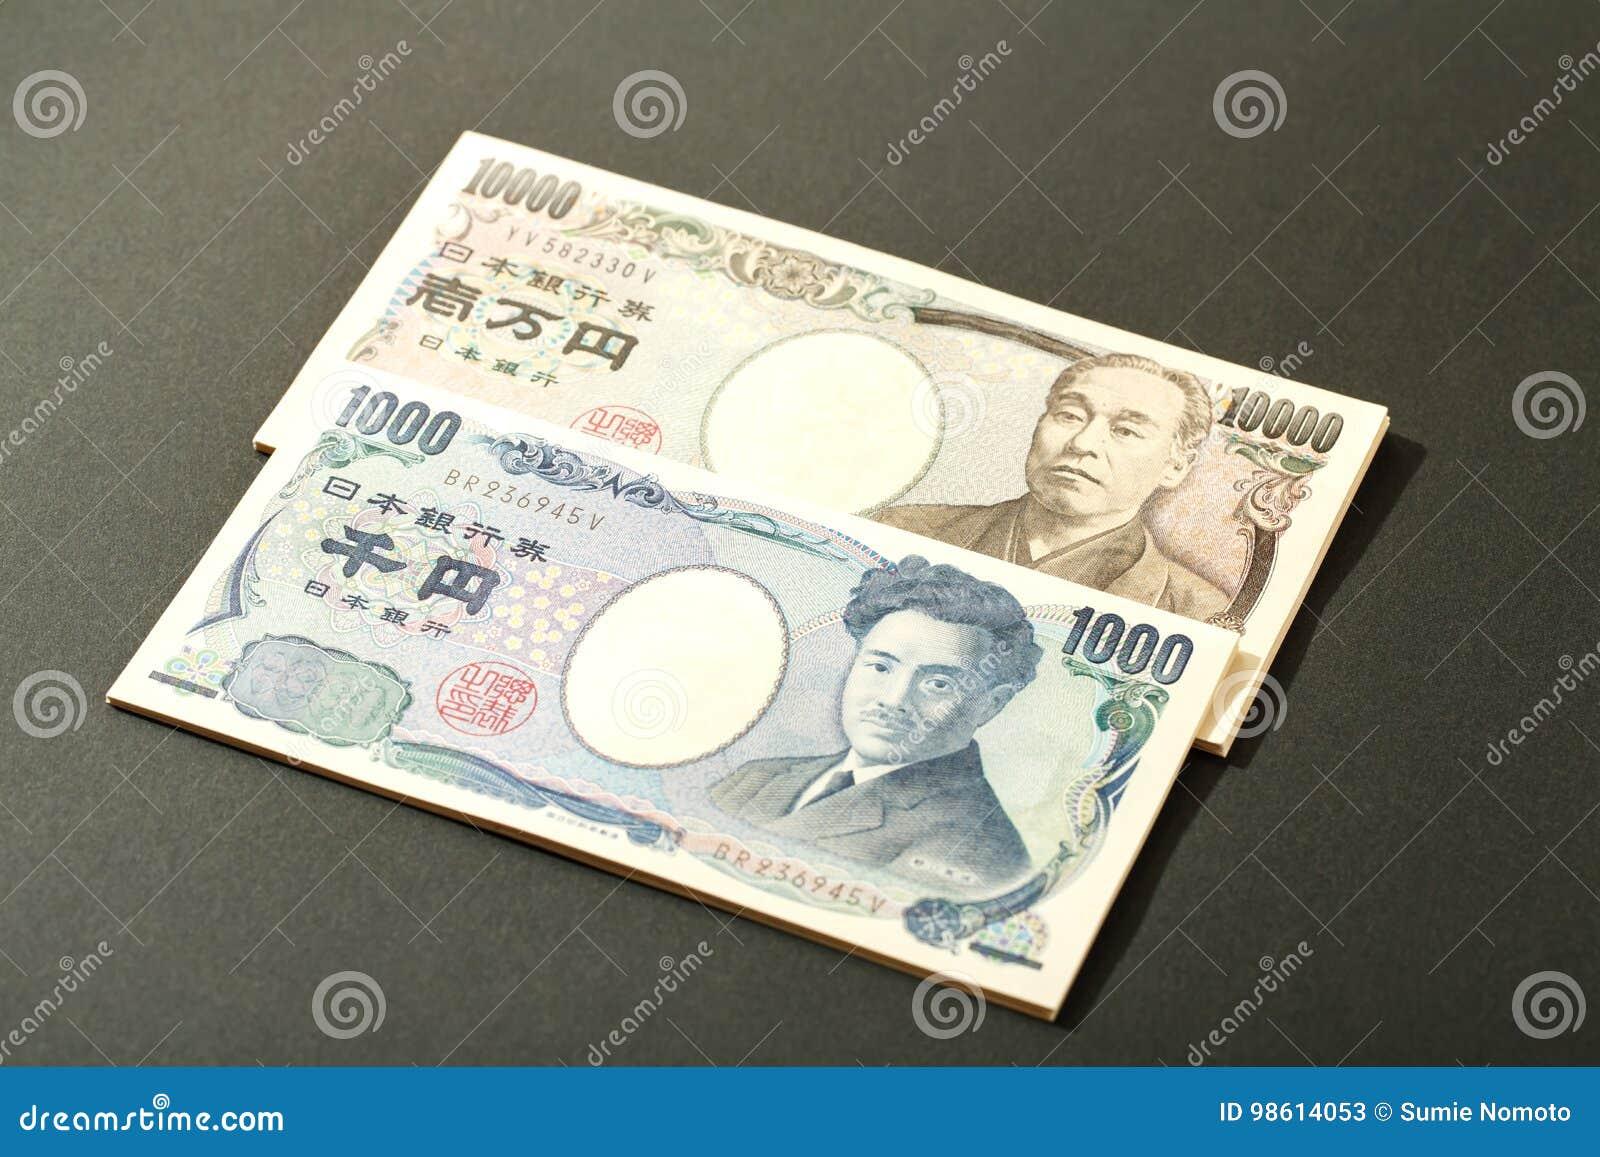 Japansk sedelyen 10000 yen och 1000